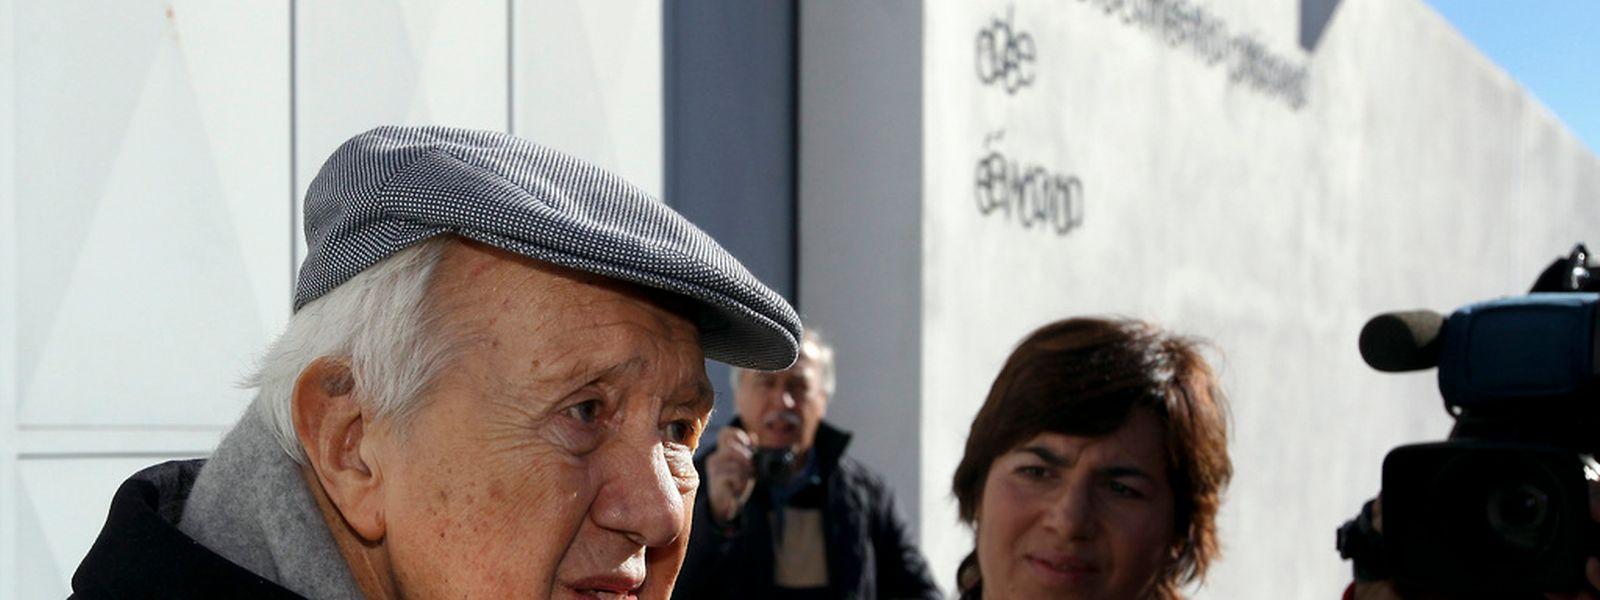 O socialista Mário Soares fala aos jornalistas à saída do Estabelecimento Prisional de Évora, onde visitou o ex-primeiro ministro José Sócrates pela segunda vez